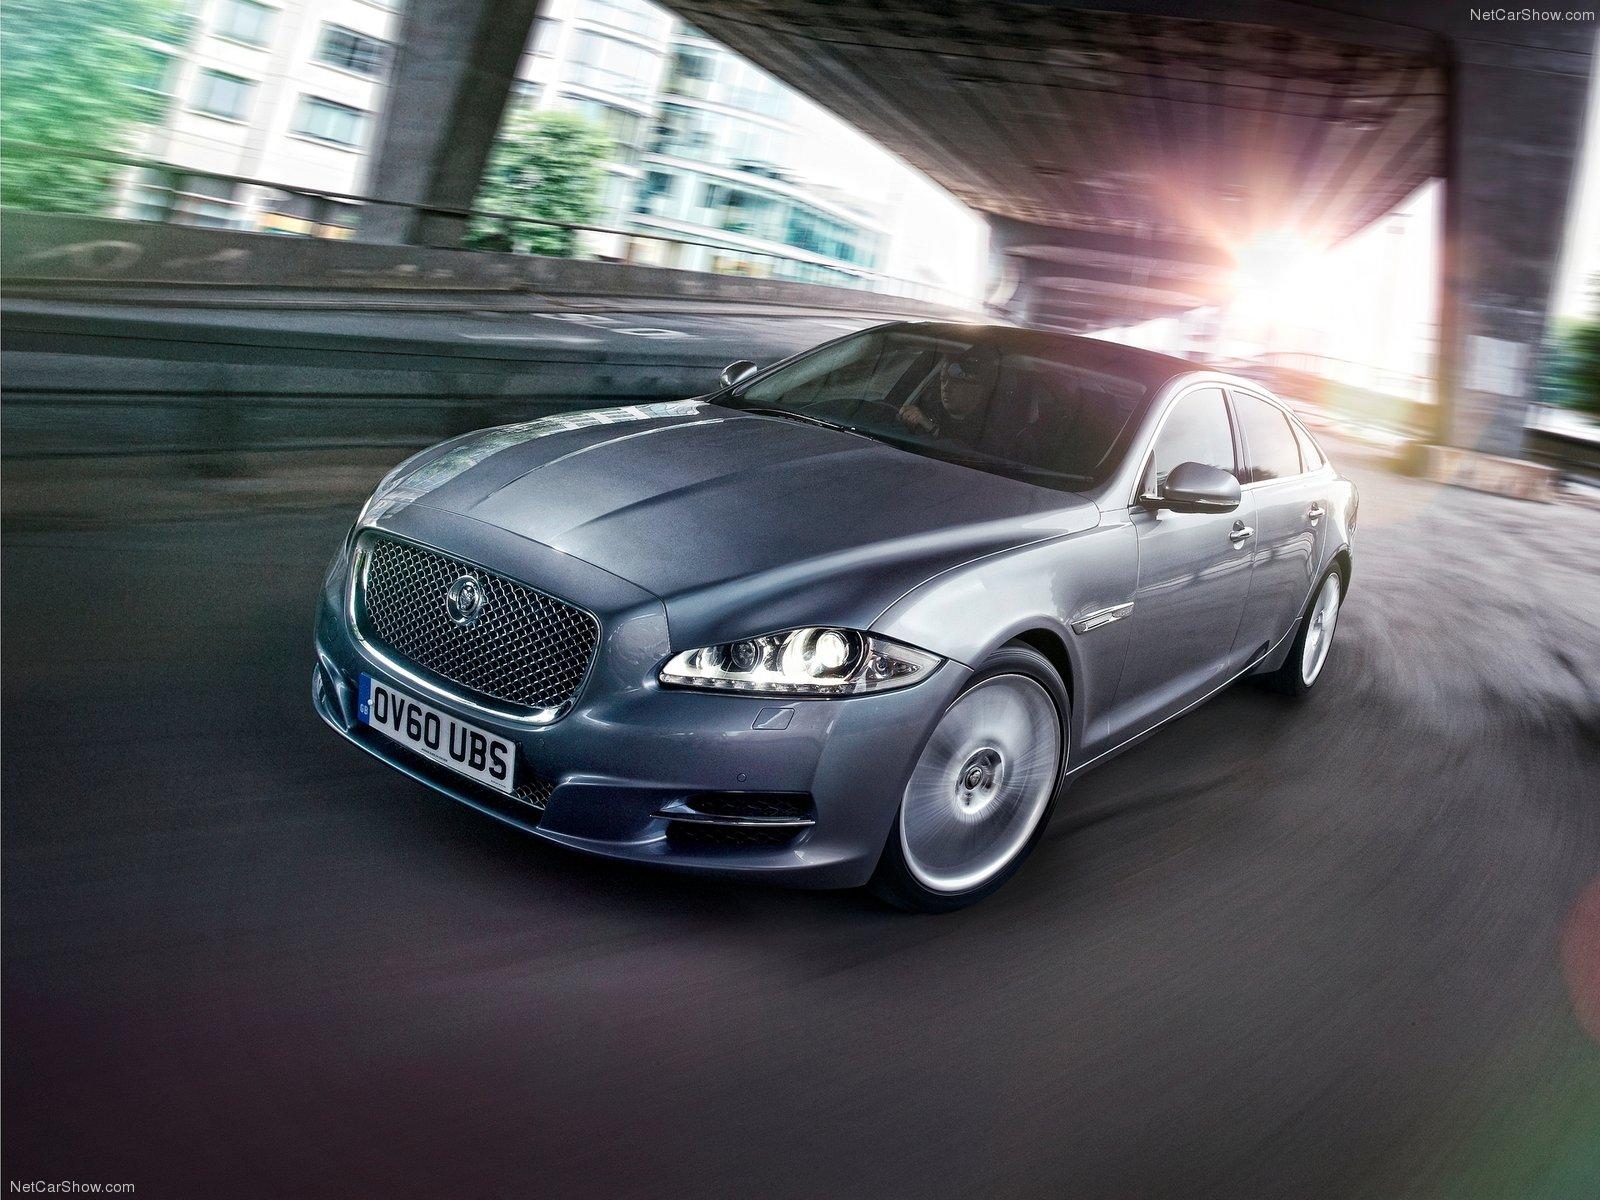 Jaguar-XJ_2012_1600x1200_wallpaper_01.jpg